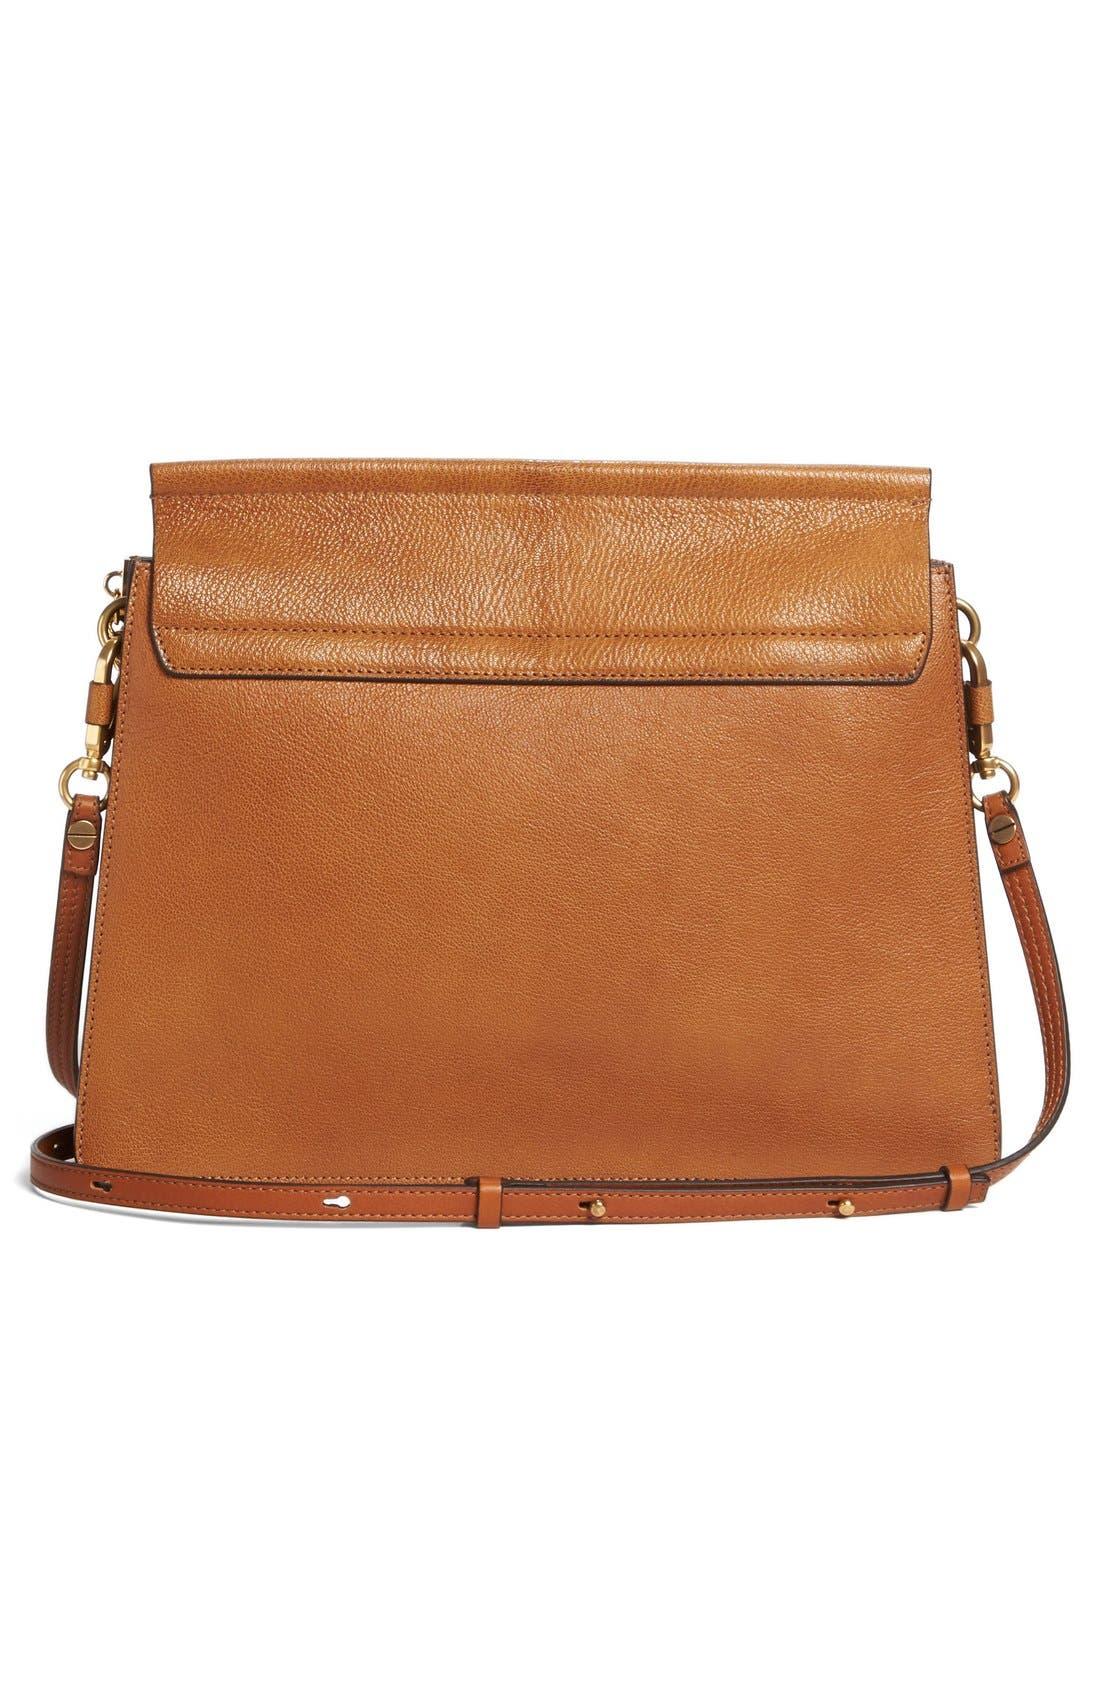 Faye Goatskin Leather Shoulder Bag,                             Alternate thumbnail 3, color,